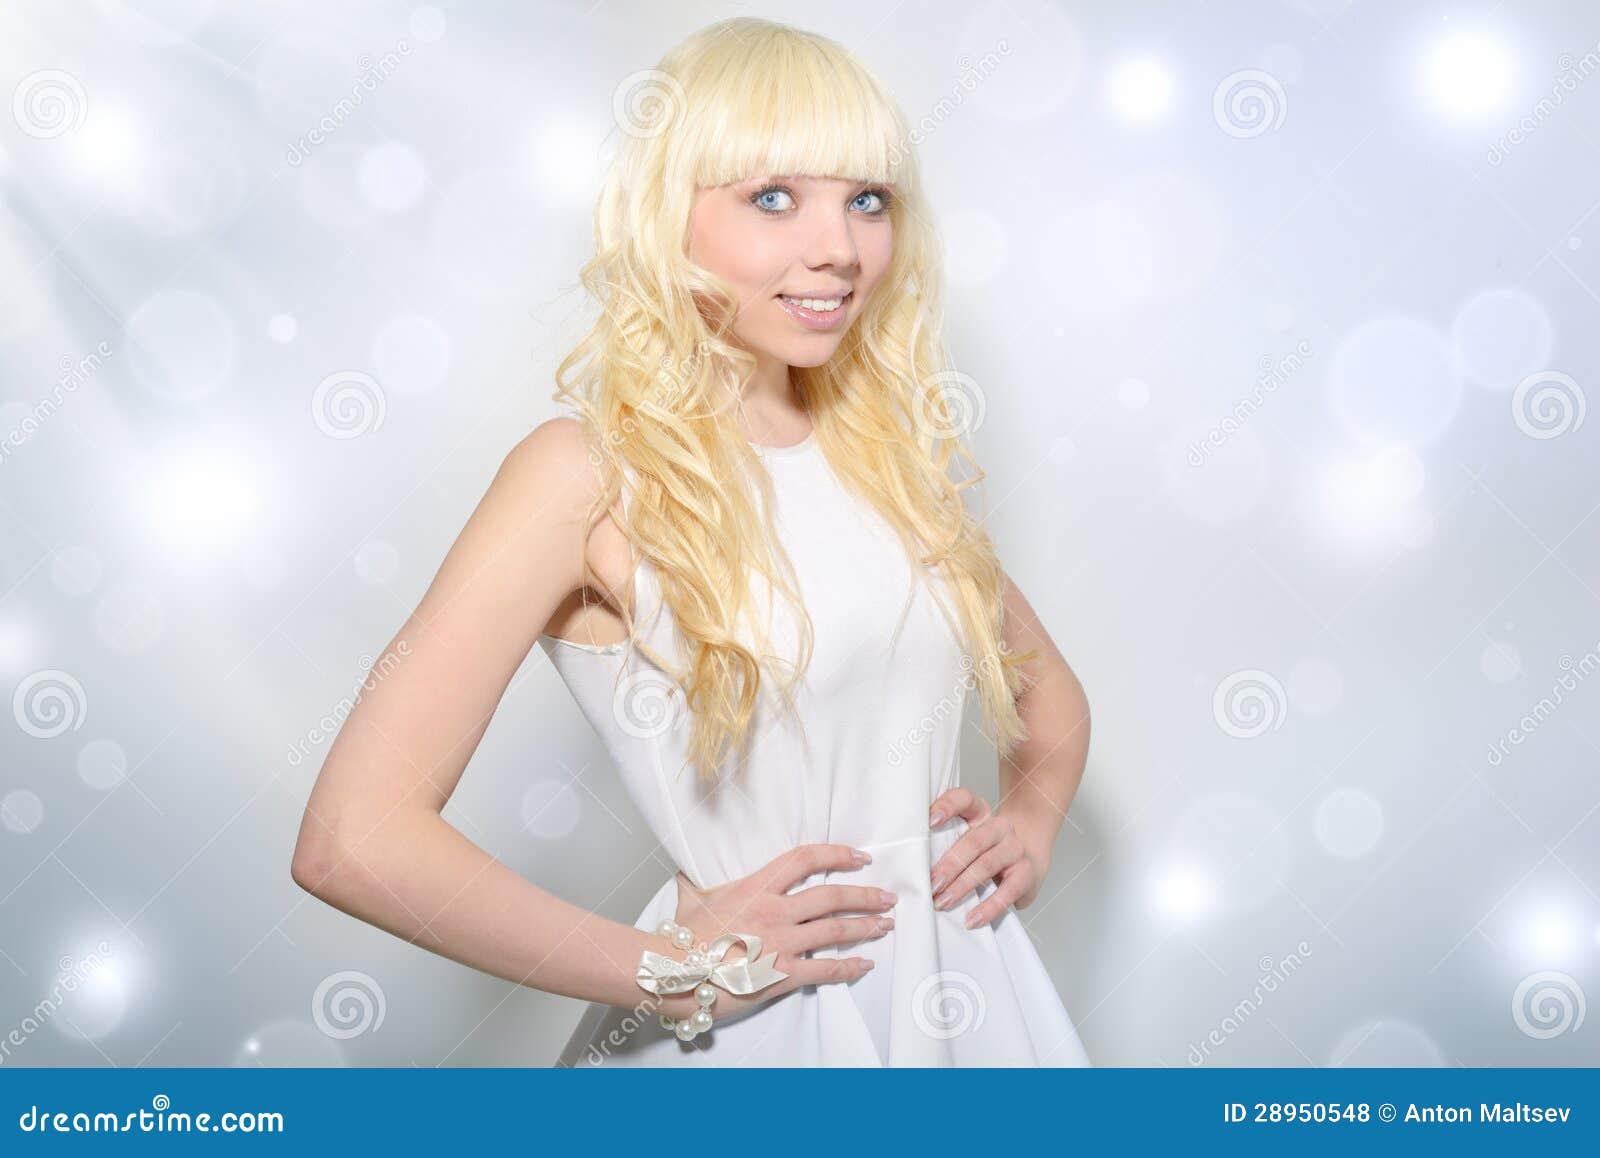 Piękna dziewczyna z kędzierzawym włosy